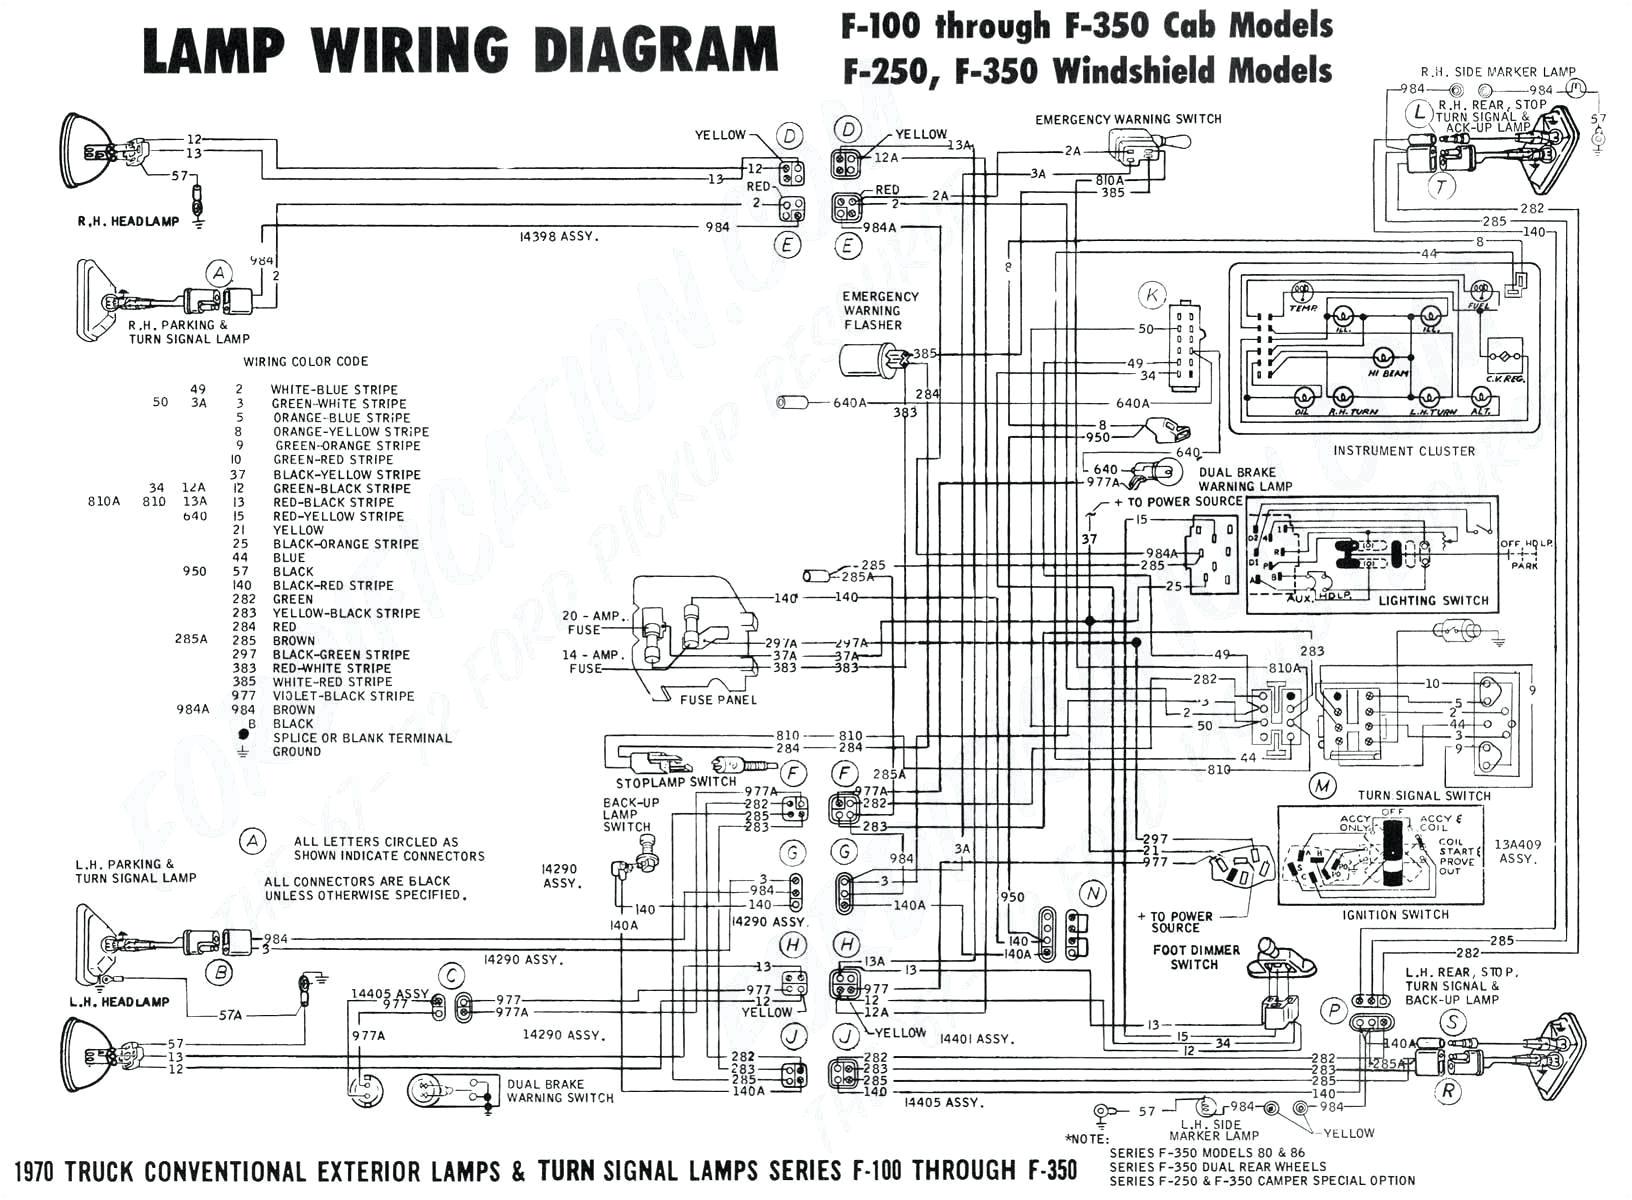 2005 F350 Trailer Wiring Diagram 1997 F800 Brake Wiring Diagram Blog Wiring Diagram